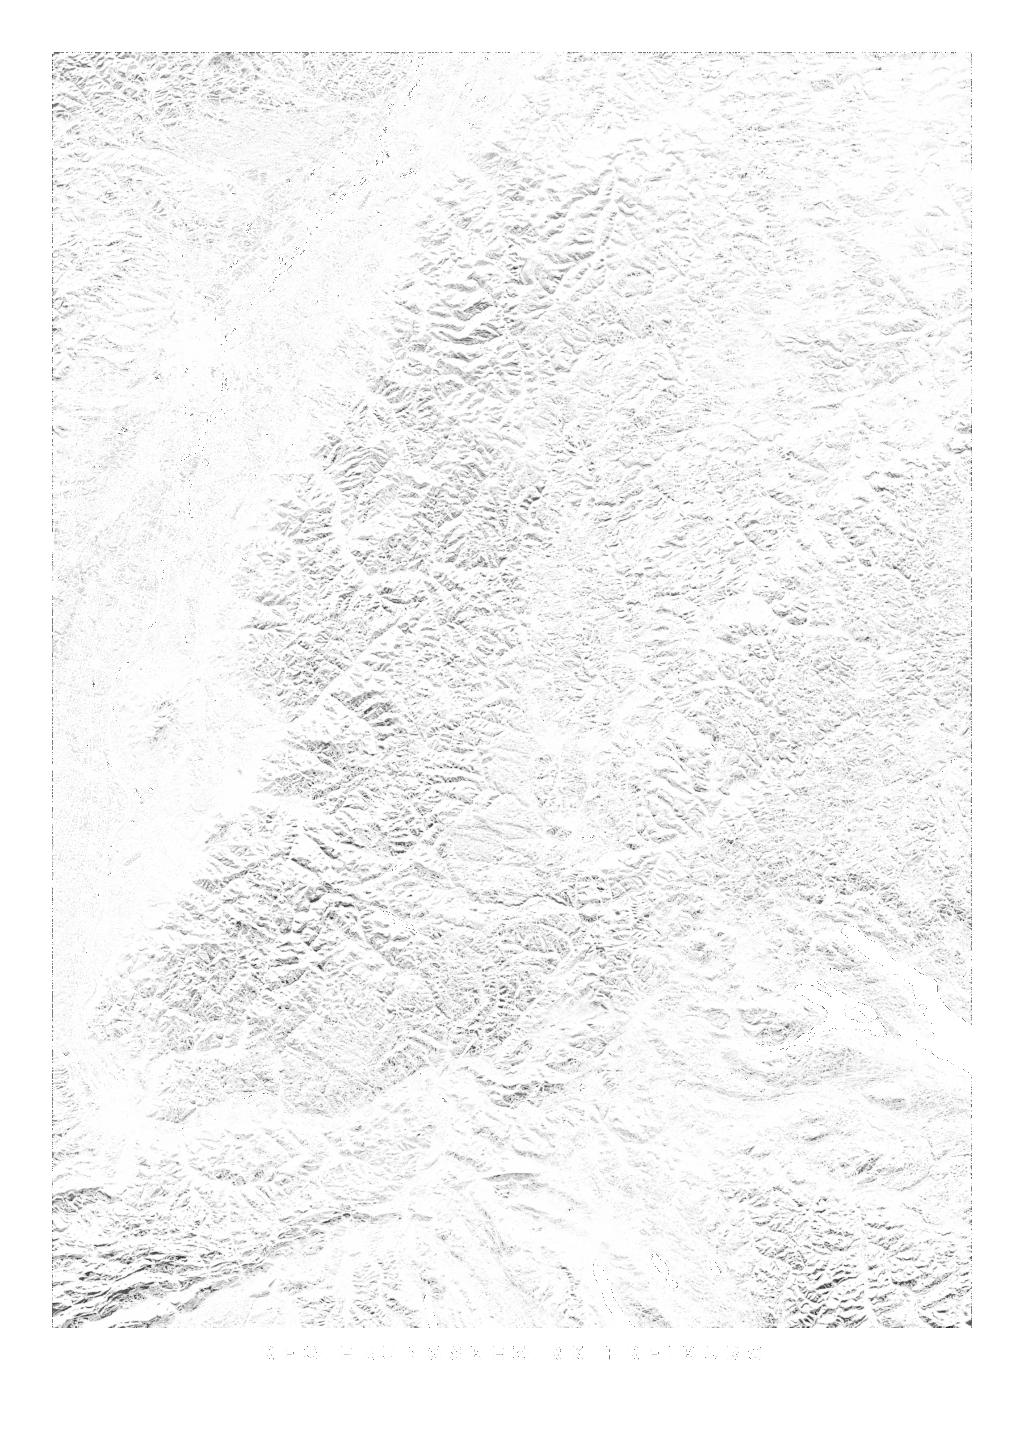 Regierungsbezirk Freiburg wall map